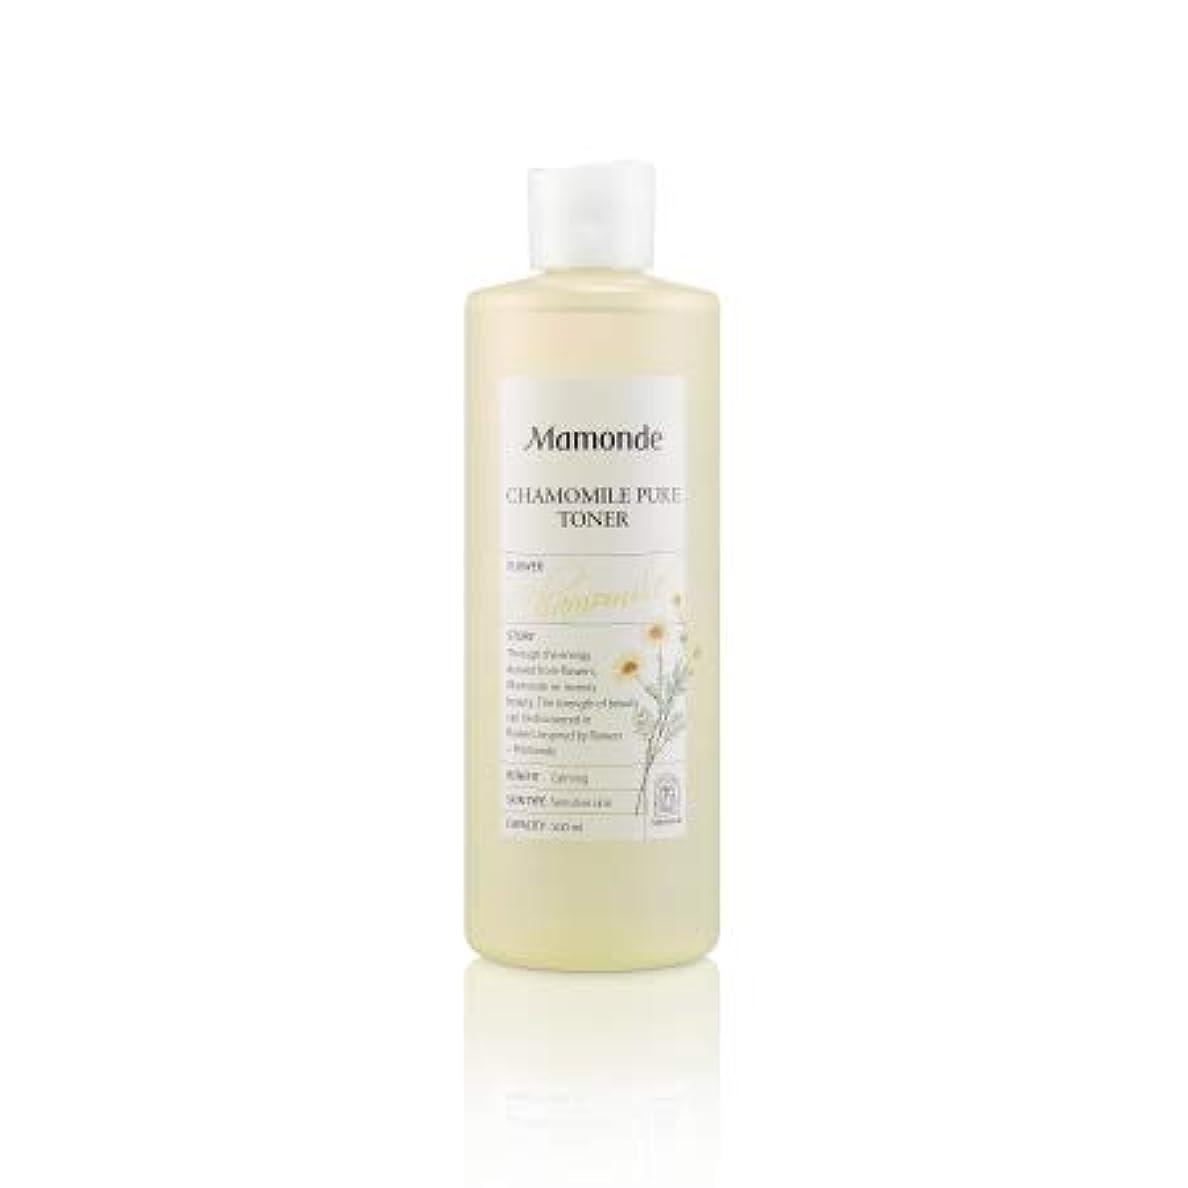 令状地下室とティーム【マモンド.mamonde]カモミールピュアトナー(500ml)/ chamomile pure toner